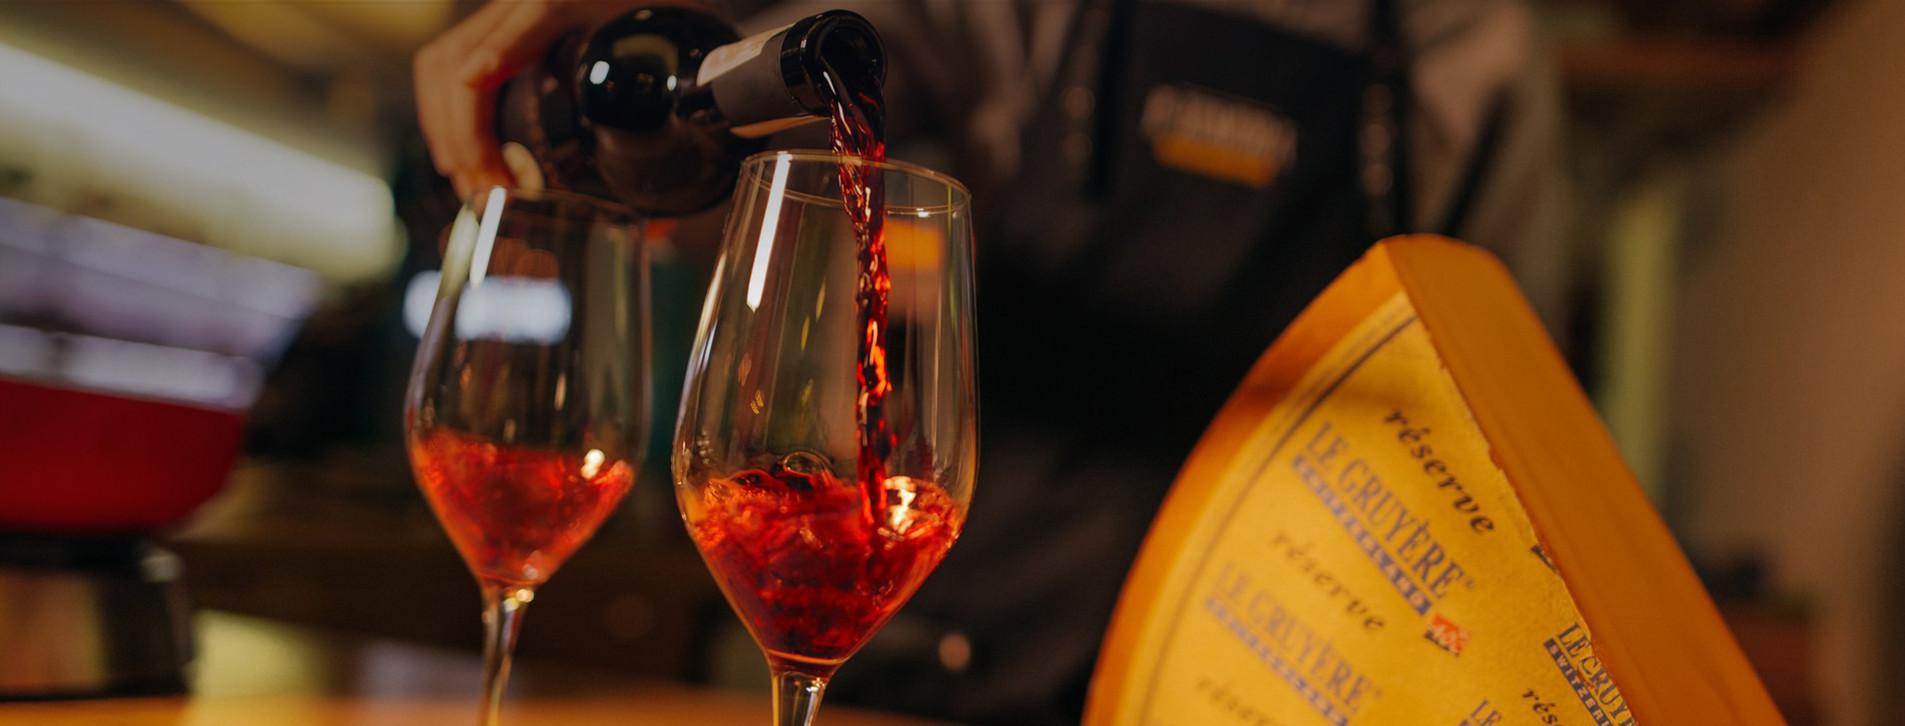 Фото 1 - Дегустация вина и сыра для двоих